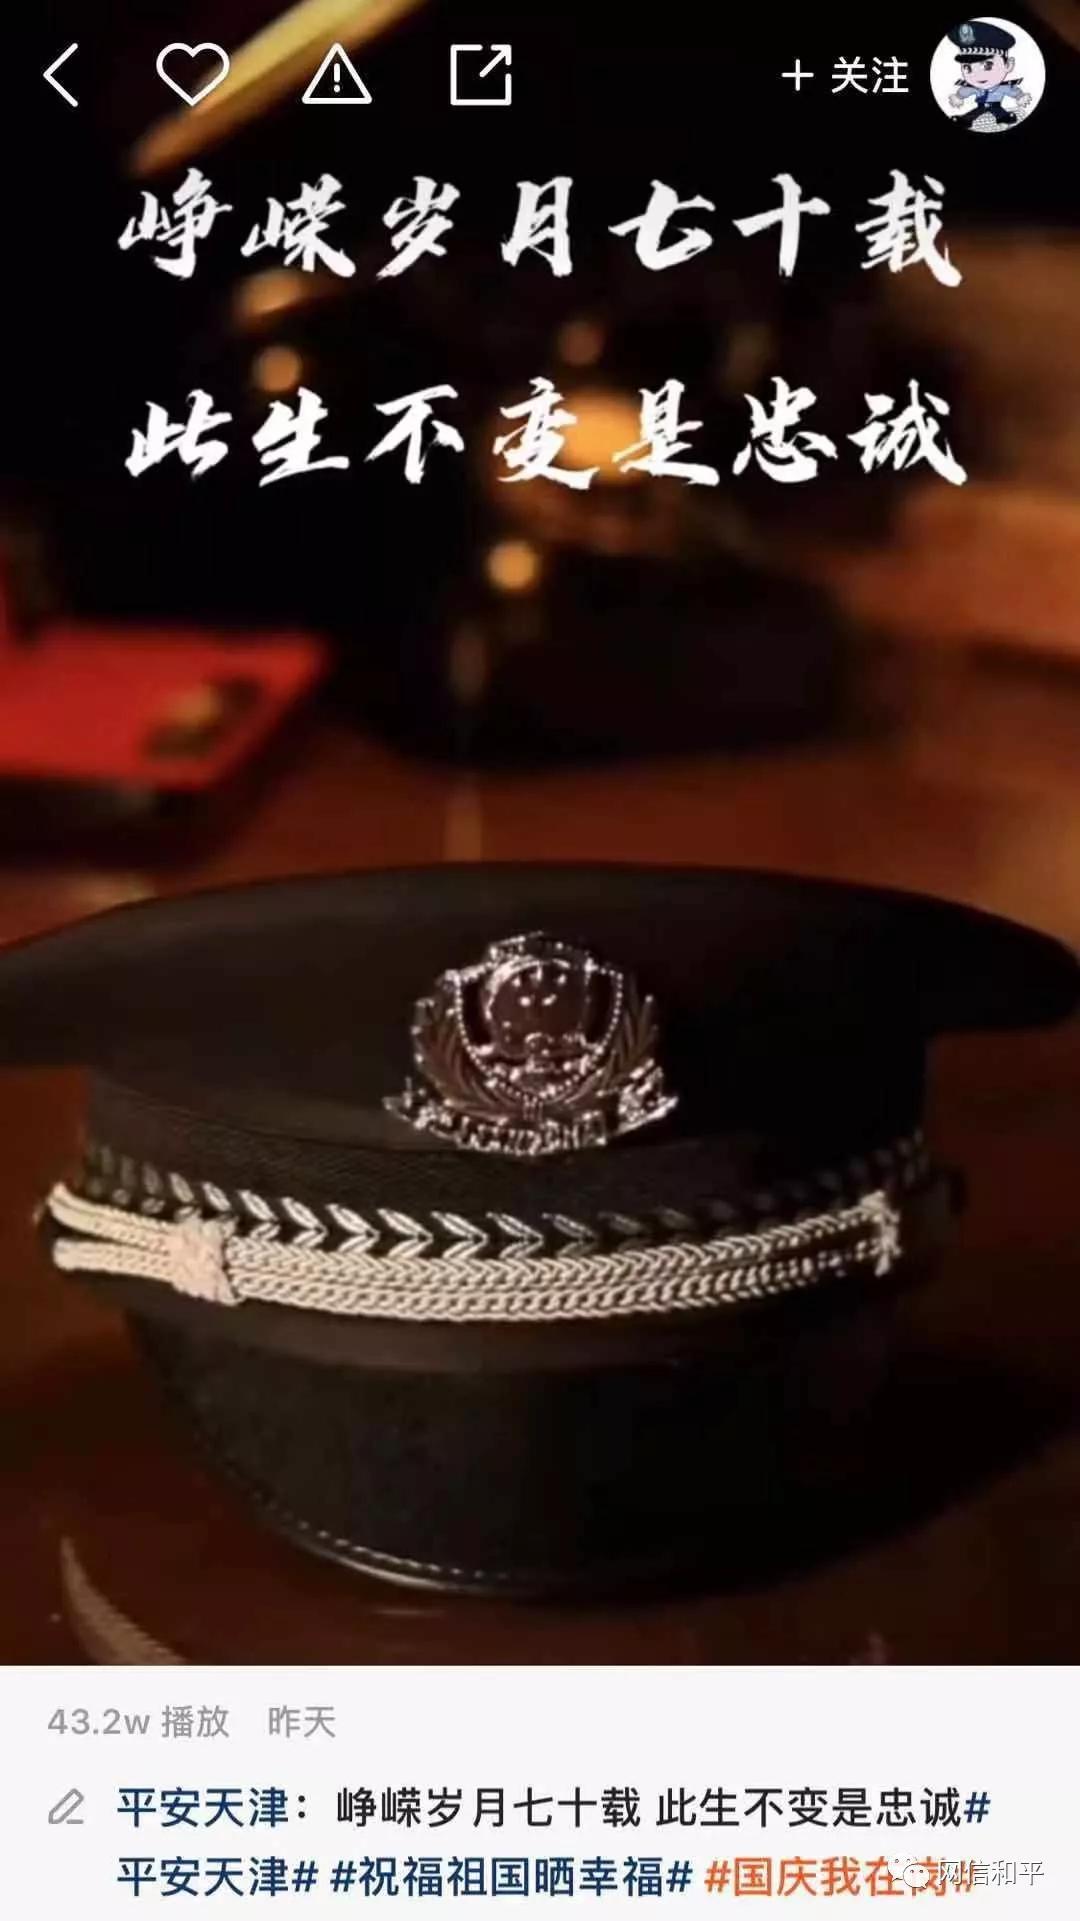 """有平安天津发布""""峥嵘岁月七十载,此生不变是忠诚""""的感人誓言"""